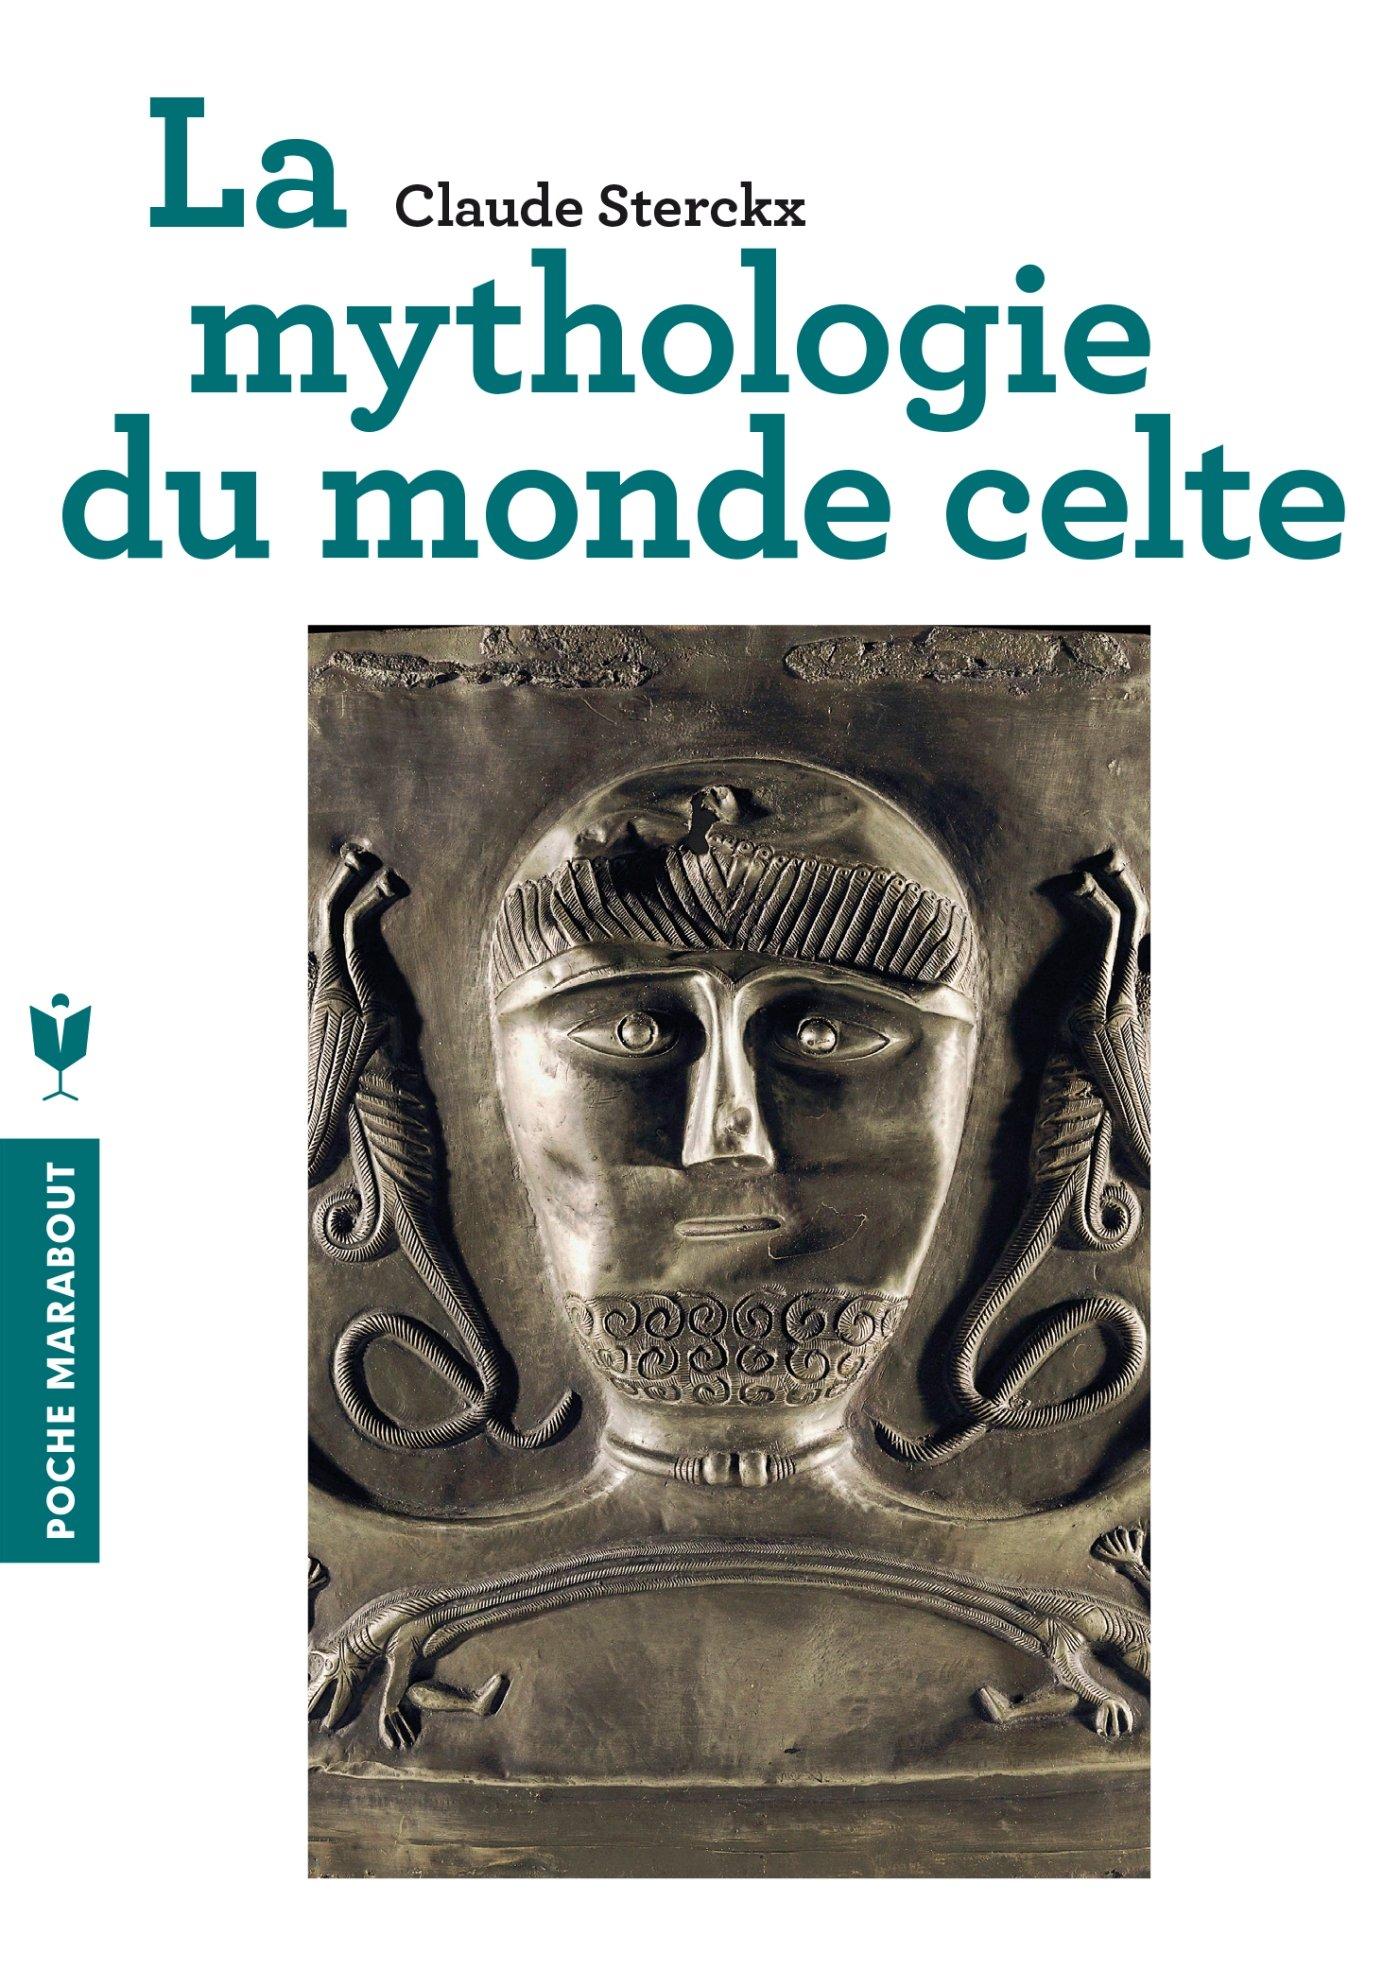 La mythologie du monde Celte - Claude Sterckx